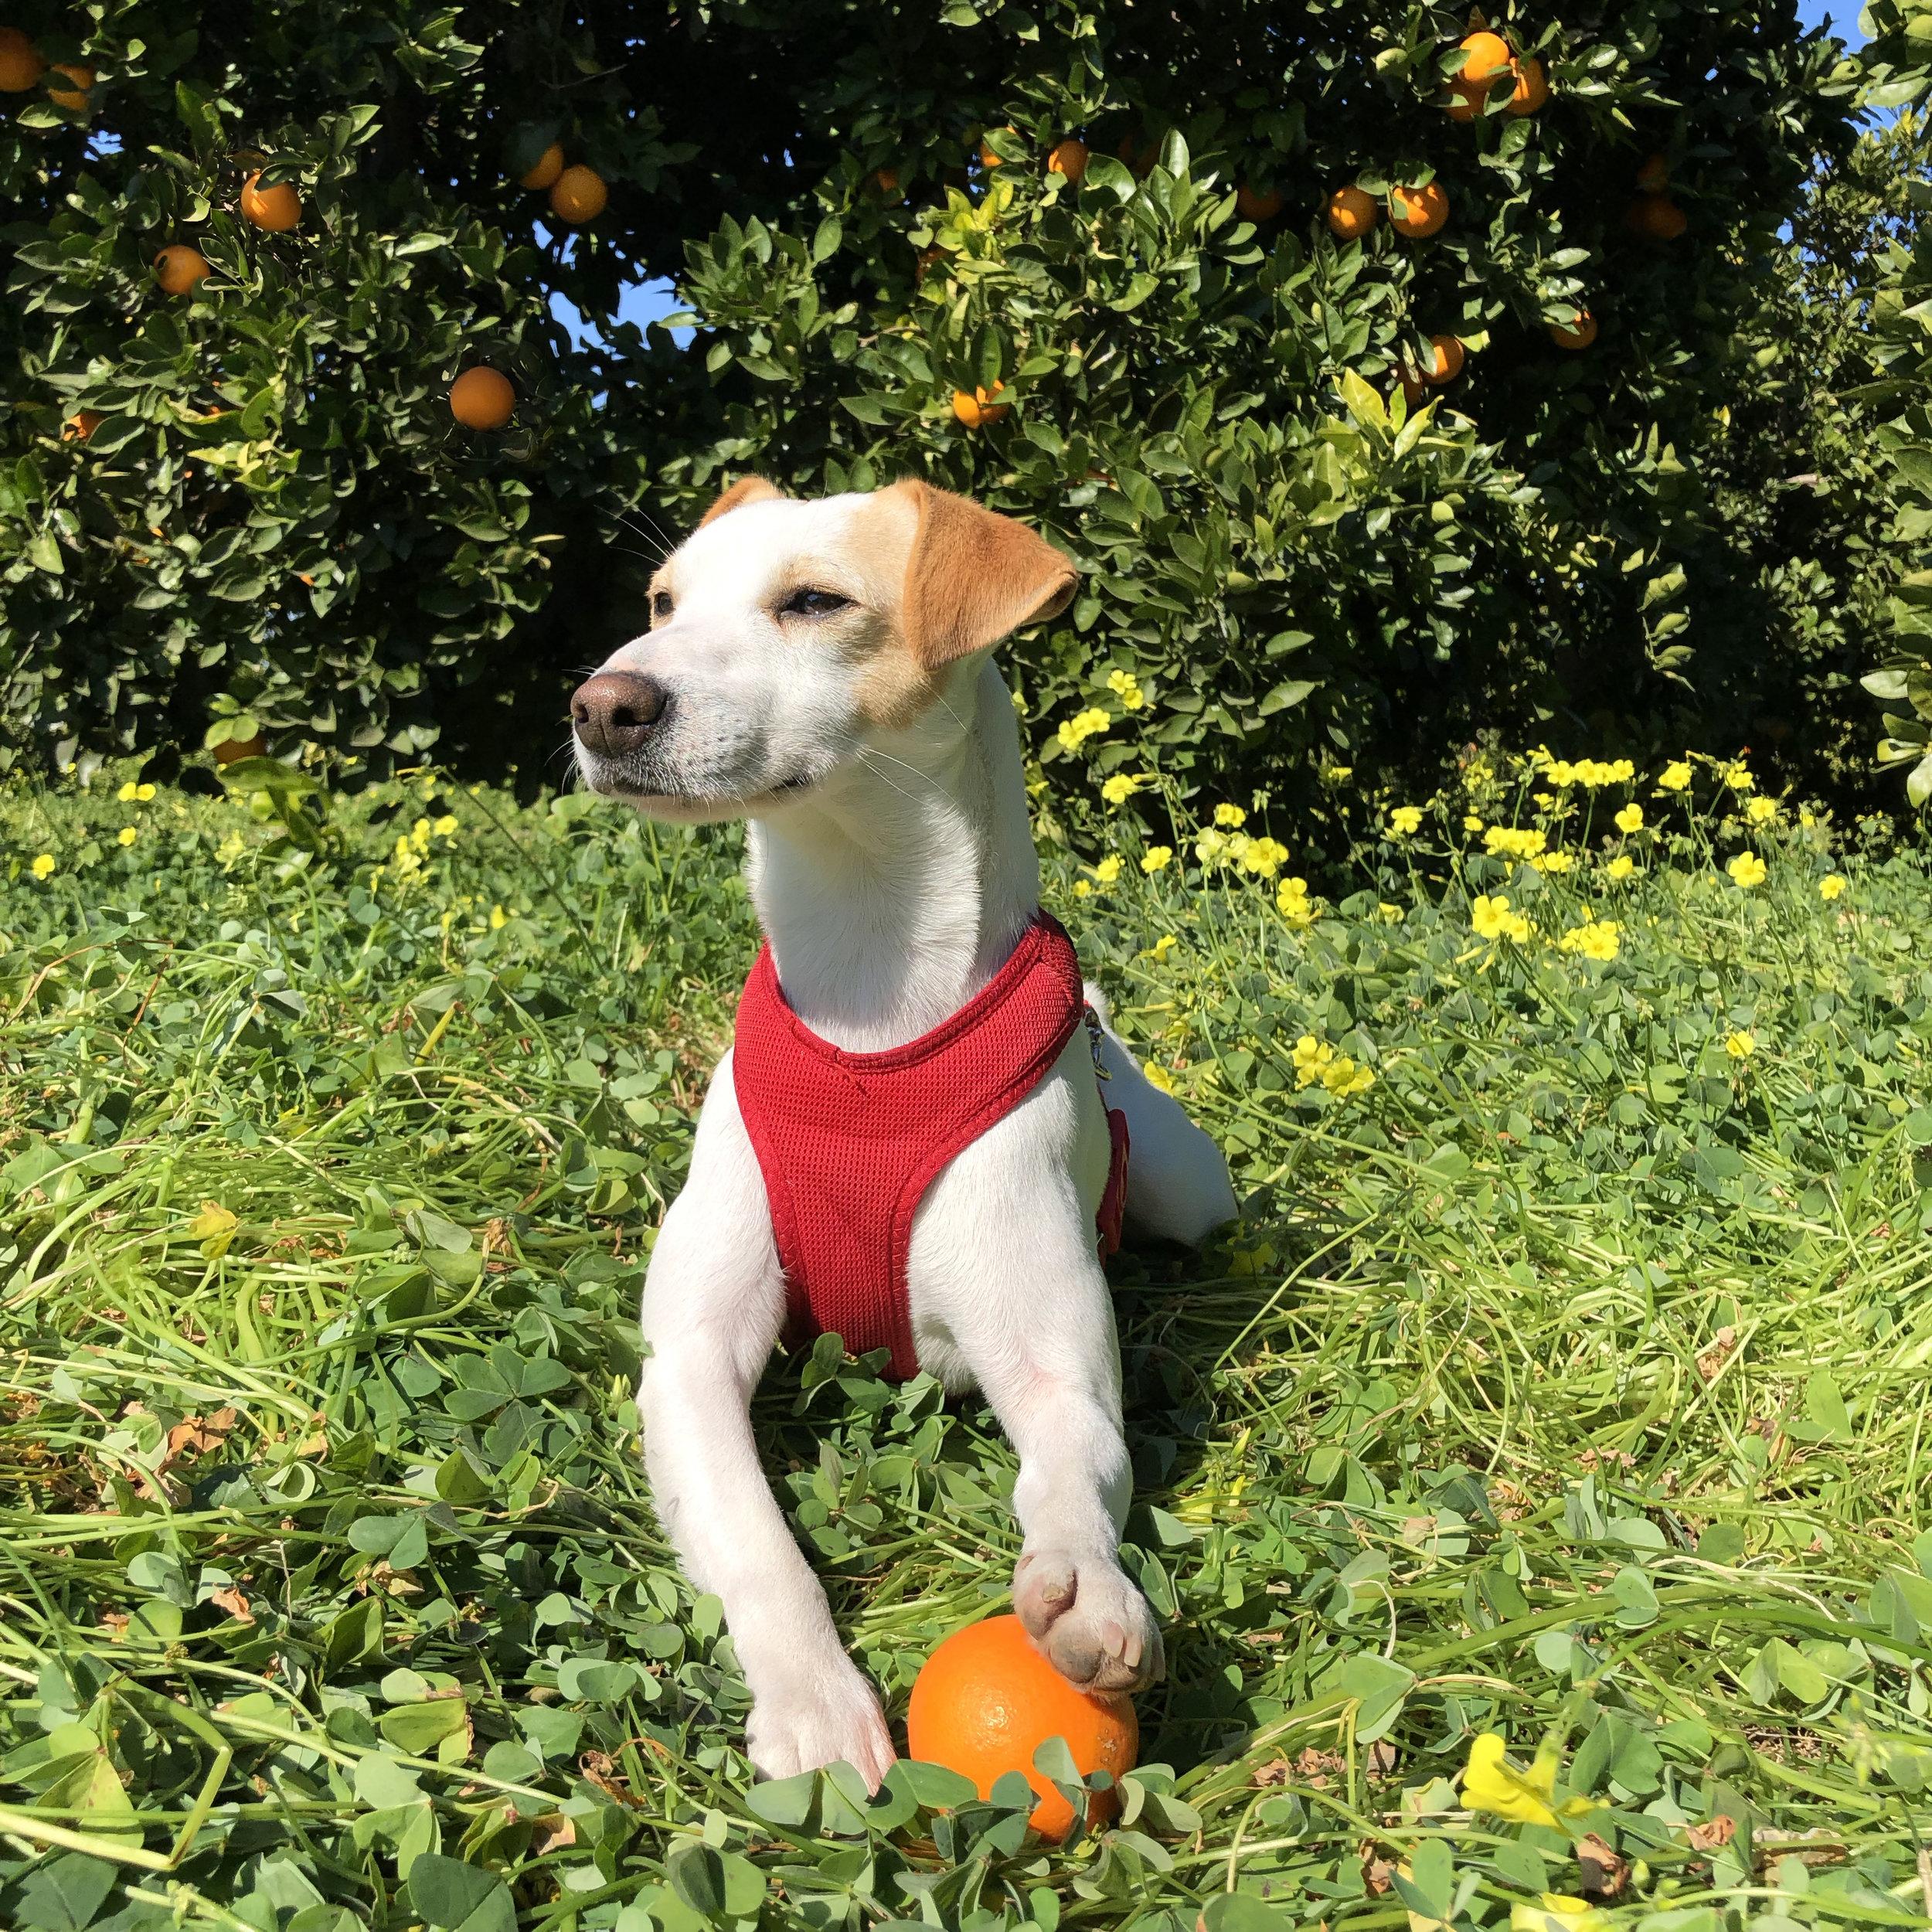 ¿Qué es un viaje sin pelota para un perro?